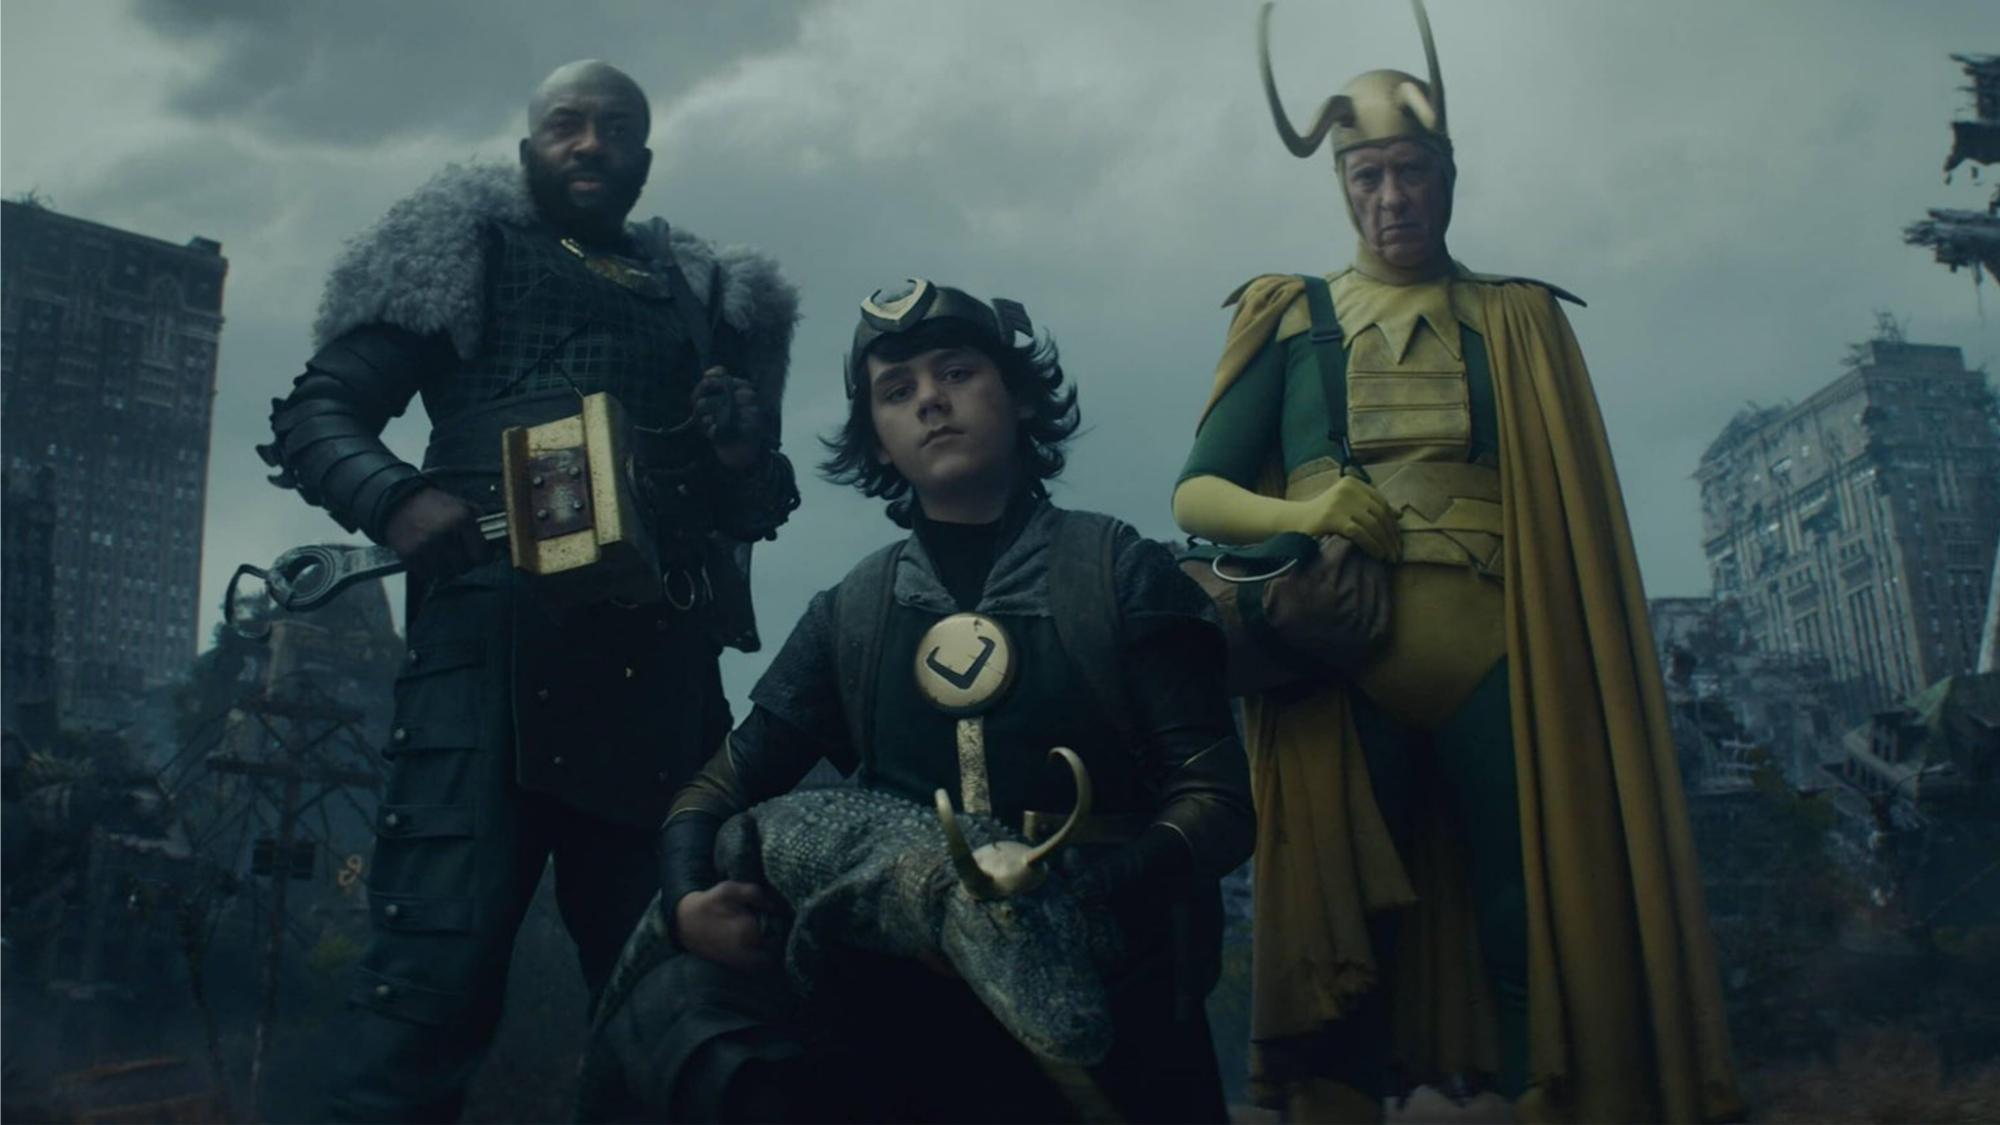 """Cena da primeira temporada de Loki. Algumas das outras variantes de Loki presas no Vazio, olhando para o Loki que acabou de acordar. Da direita para a esquerda: Loki Clássico (Richard E. Grant), caucasiano, idoso, usando um collant de cores verdes e amarelas vibrantes, uma capa e um par de chifres dourados longos e curvos em seu capacete, segurando uma bolsa com o braço direito. Agachado no centro da figura, Loki Criança (Jack Veal), caucasiano, cabelos longos e curvados, vestindo um uniforme verde escuro com adornos dourados com o símbolo dos dois chifres em """"V"""", uma tiara dourada com esse mesmo símbolo, as alças de uma mochila visíveis em seu ombro. Ele segura o Loki Jacaré, um jacaré com um pequeno elmo dourado com chifres curtos. Do lado dele, Loki Orgulhoso (Deobia Oparei), negro e careca, usando uma armadura de couro verde com um colar dourado, segurando um martelo rústico na mão direita. Atrás deles, as ruínas de uma grande cidade, cobertas por um céu cinza."""